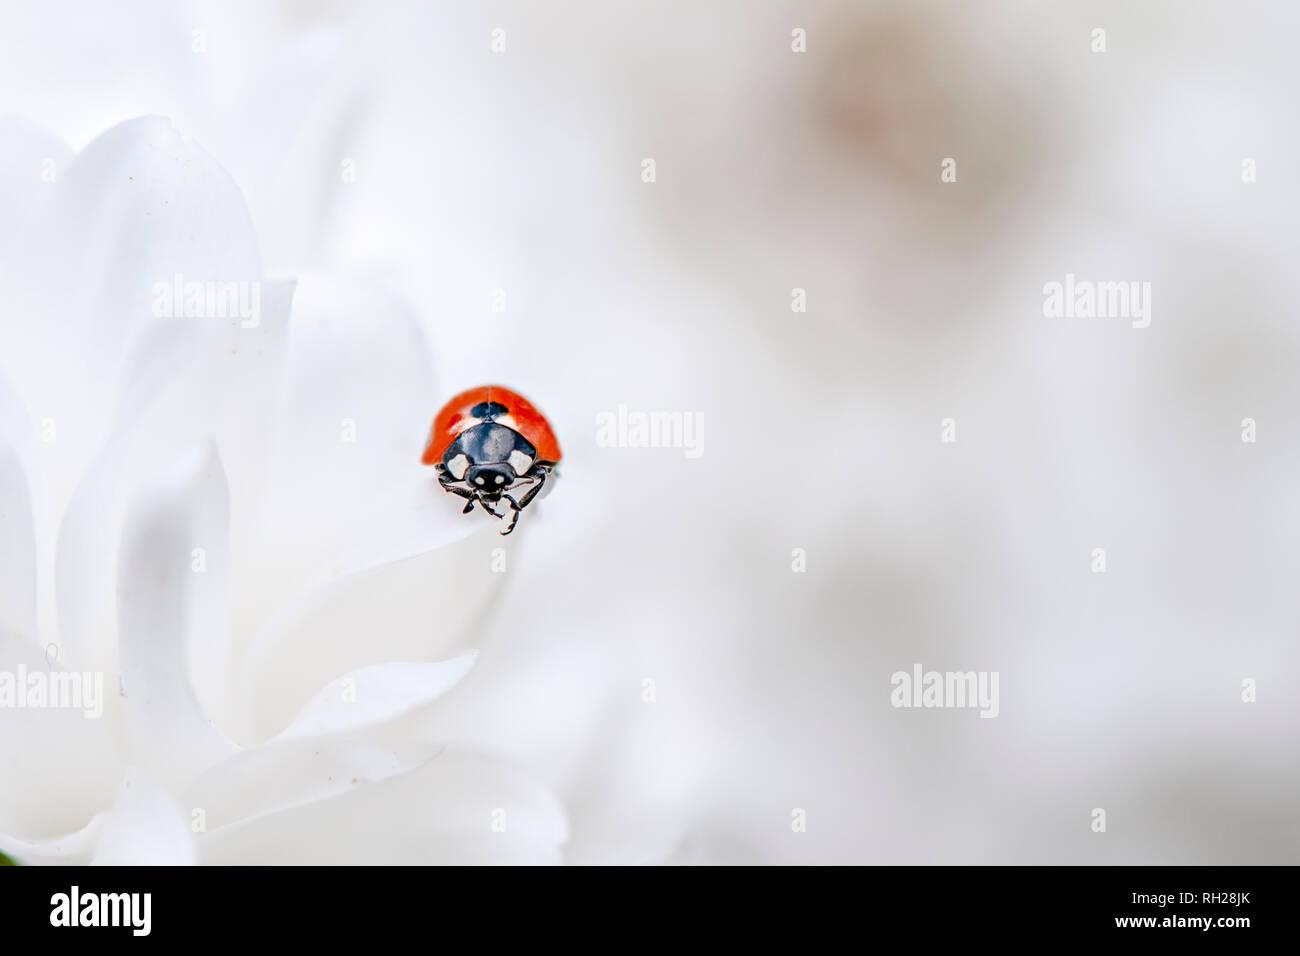 Image en gros plan d'un 7-spot Ladybird - Coccinella septempunctata reposant sur des pétales de Dahlia blanc pur Banque D'Images